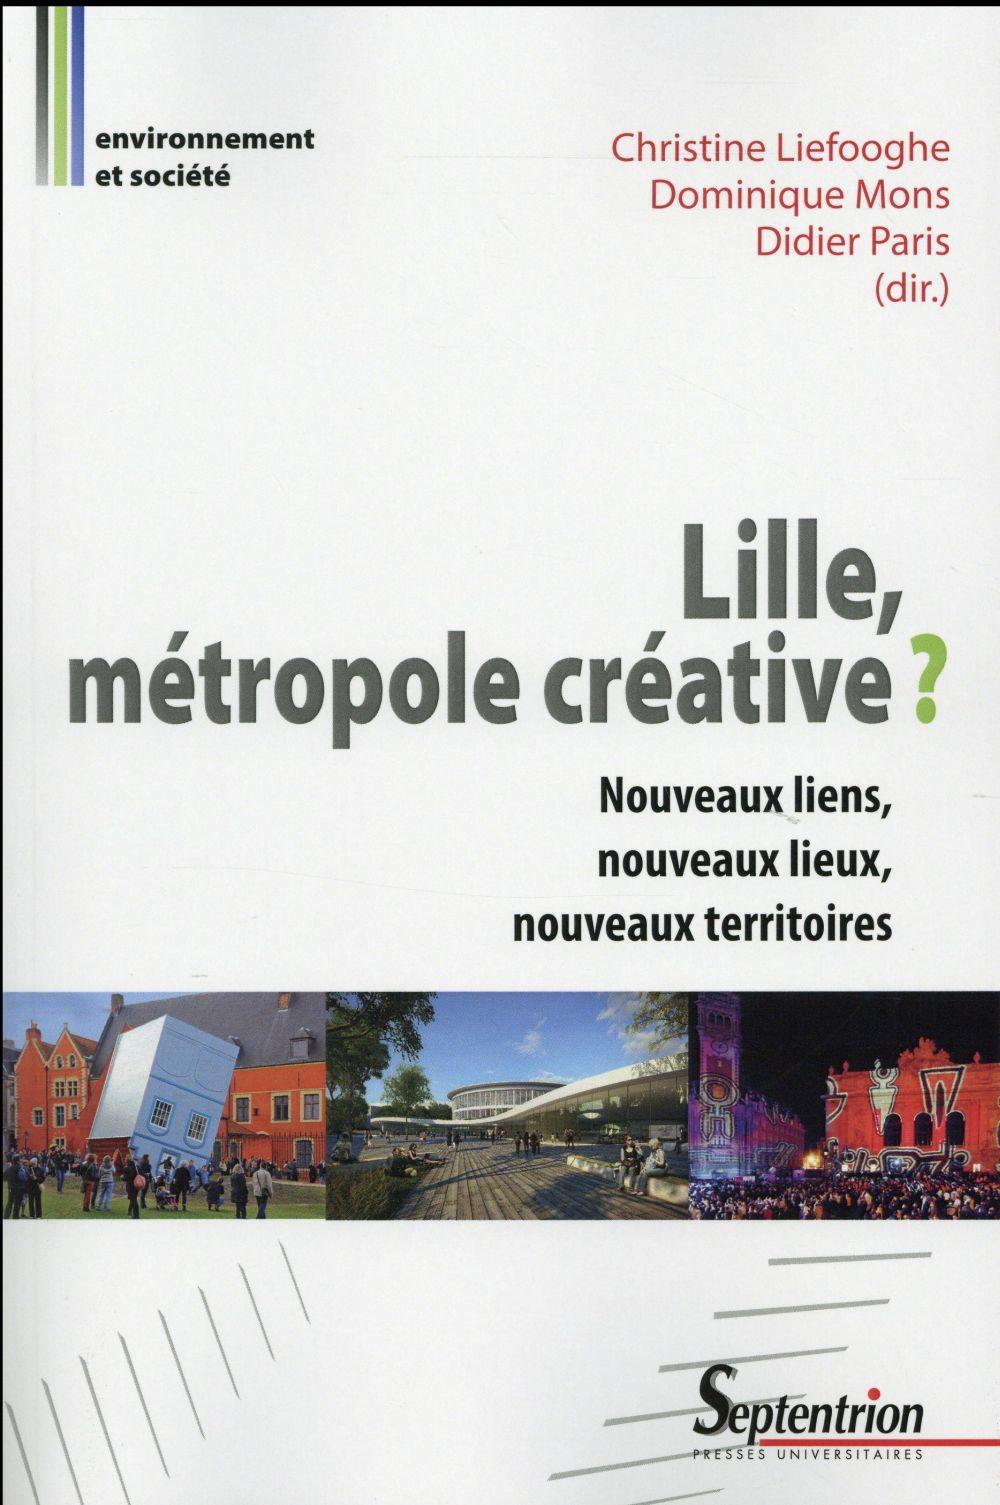 Lille, metropole creative ?